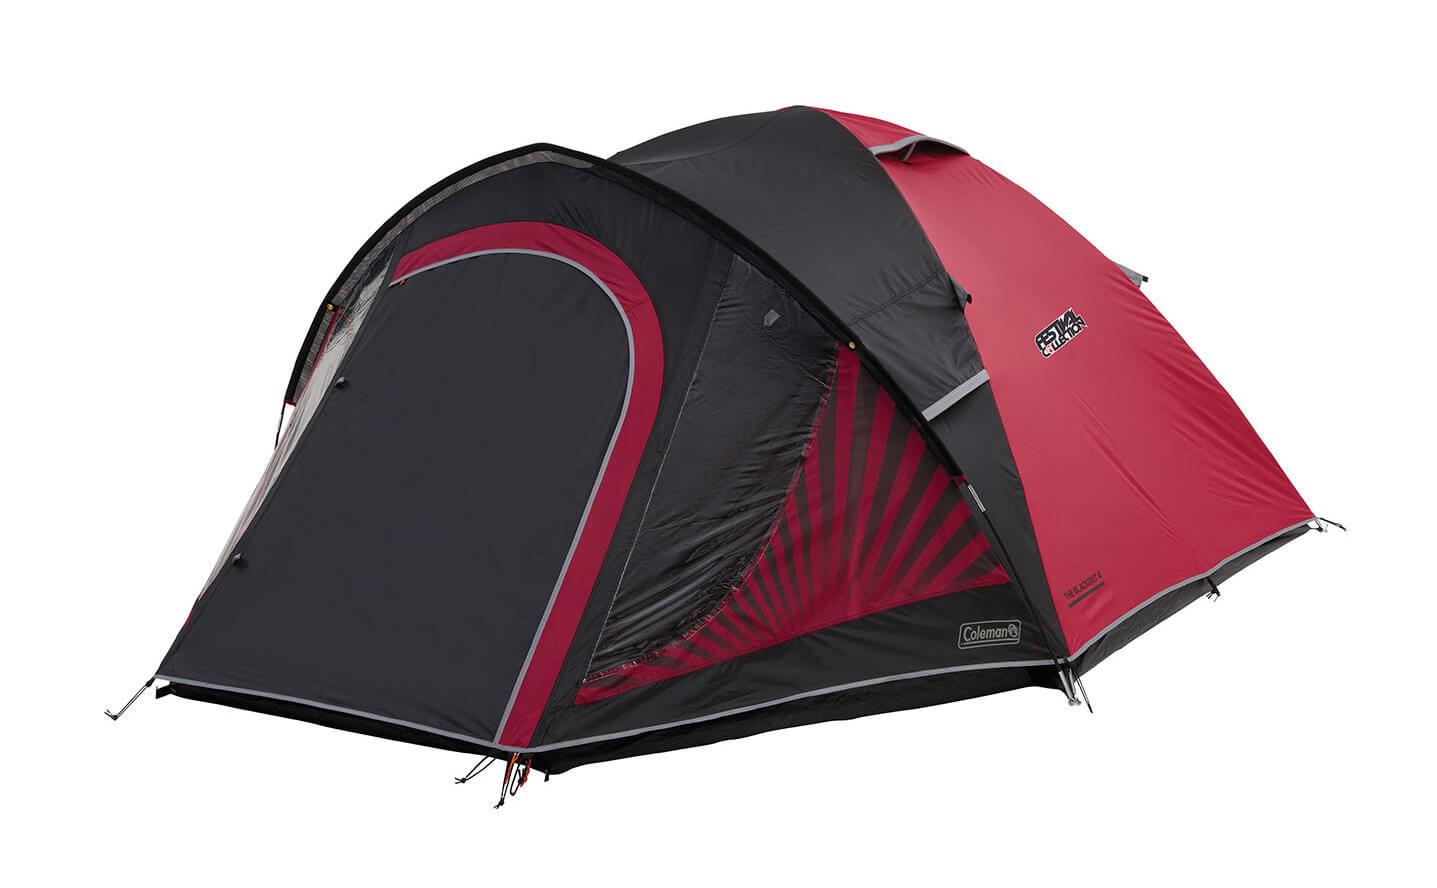 Namiot turystyczny dla 4 osób The Blackout 4 Festival Dome Coleman